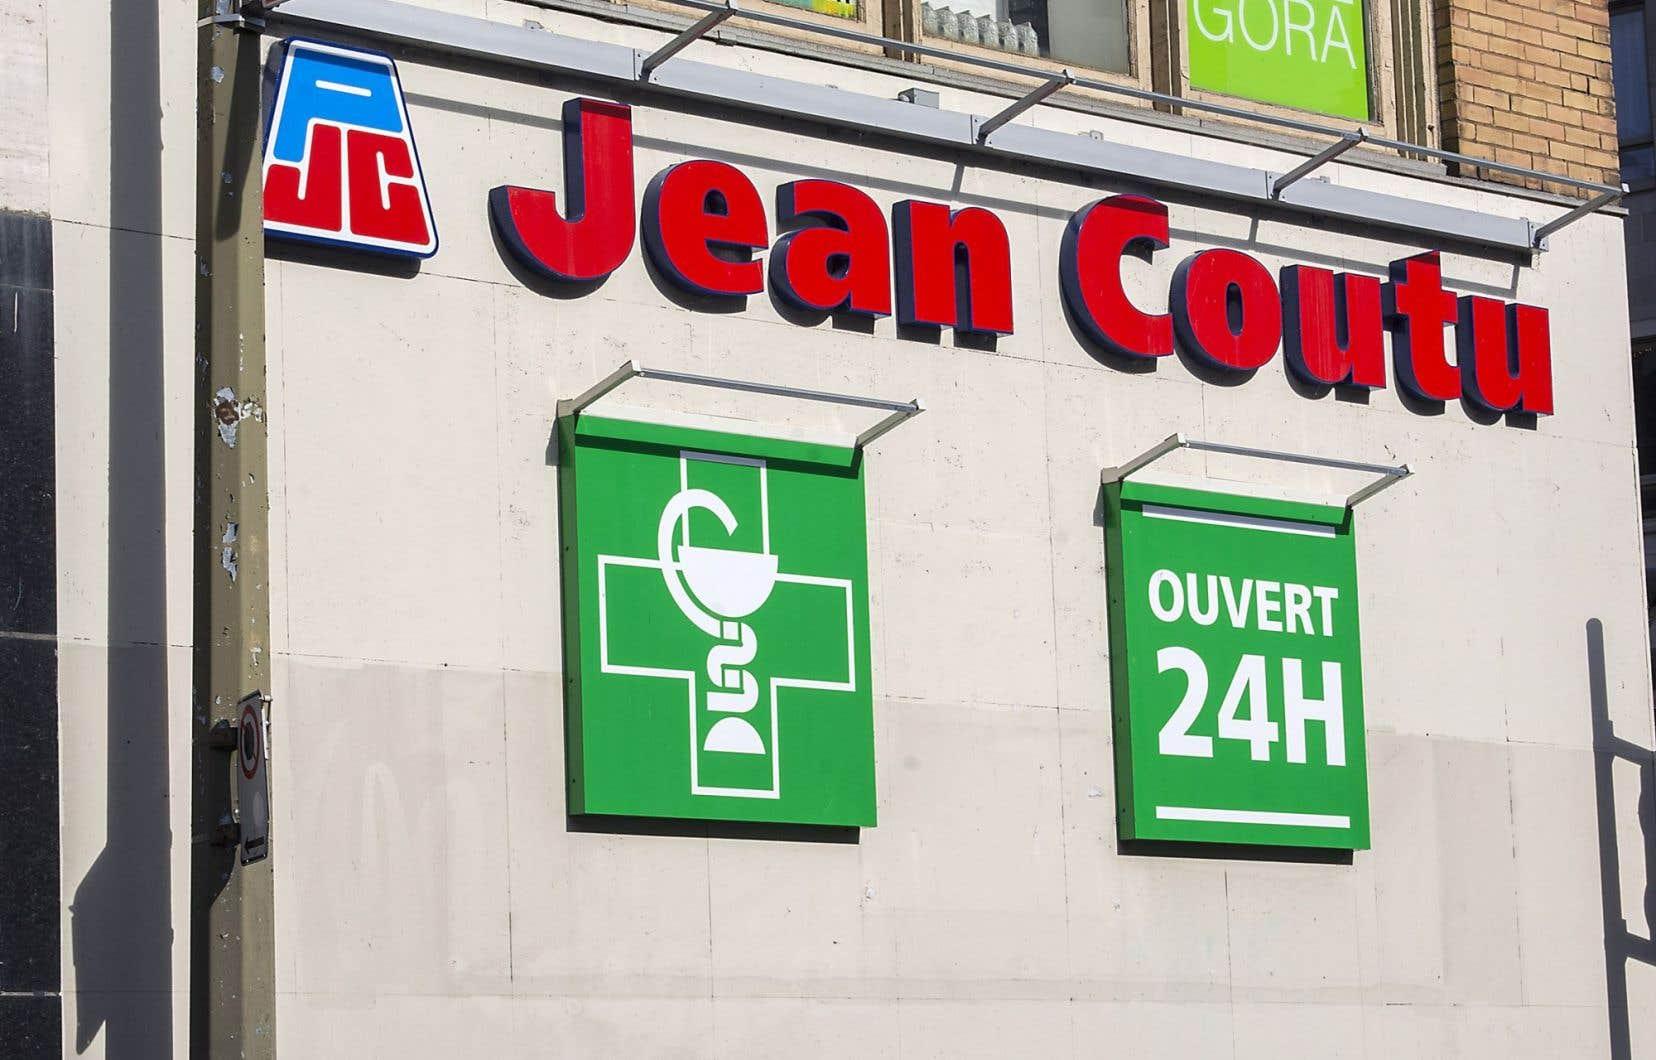 La juge a donné raison au Groupe Jean Coutu et a tranché que la clause contestée respectait le Code de déontologie.